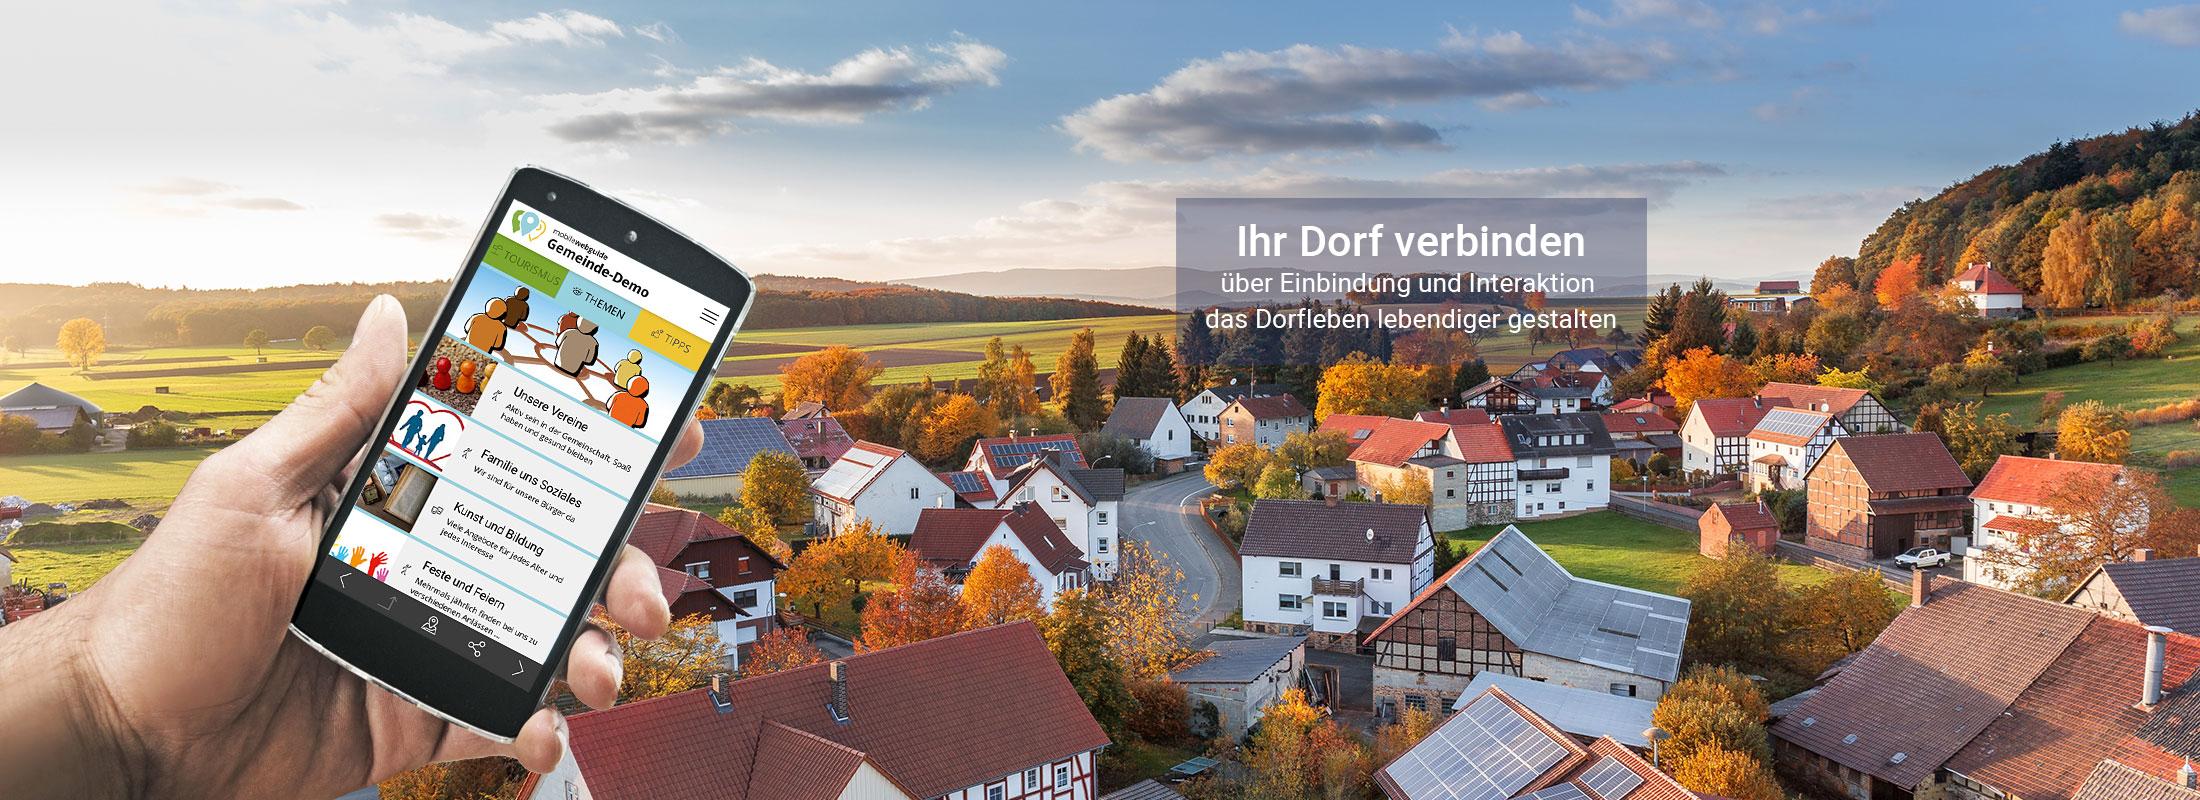 satelles mobilewebguide: Dorf App und Bürger App